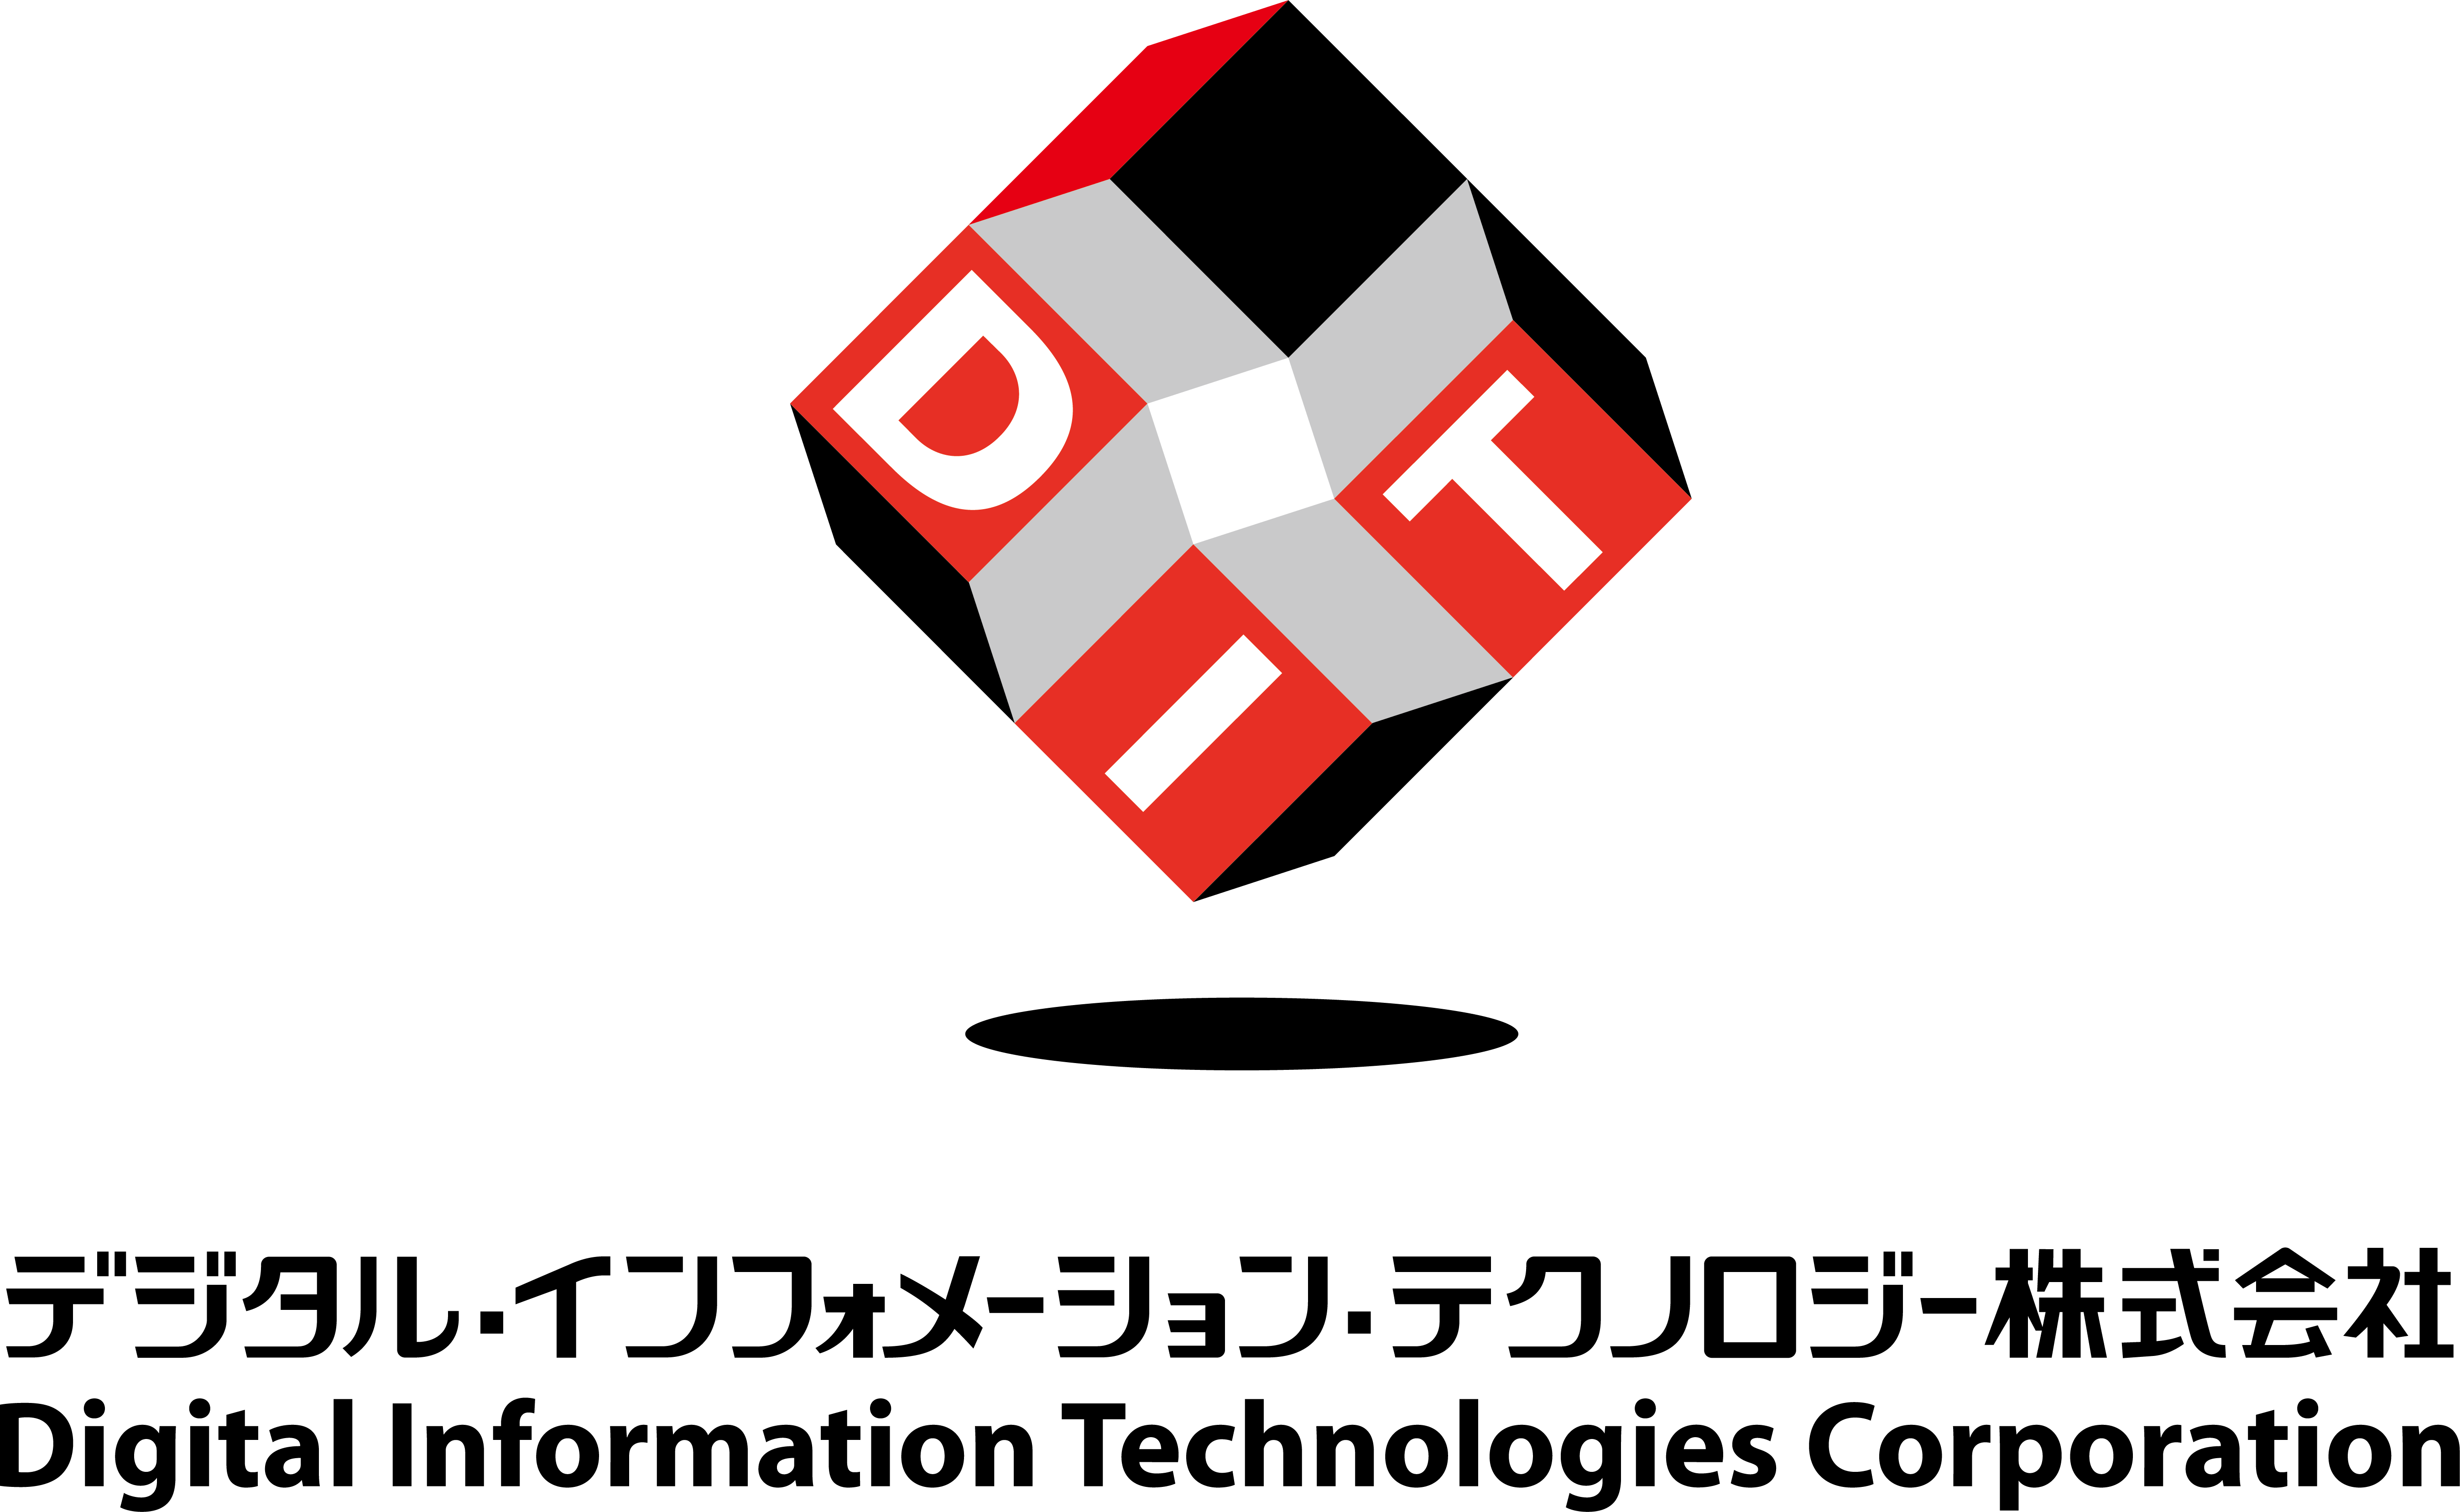 デジタル・インフォメーション・テクノロジー株式会社